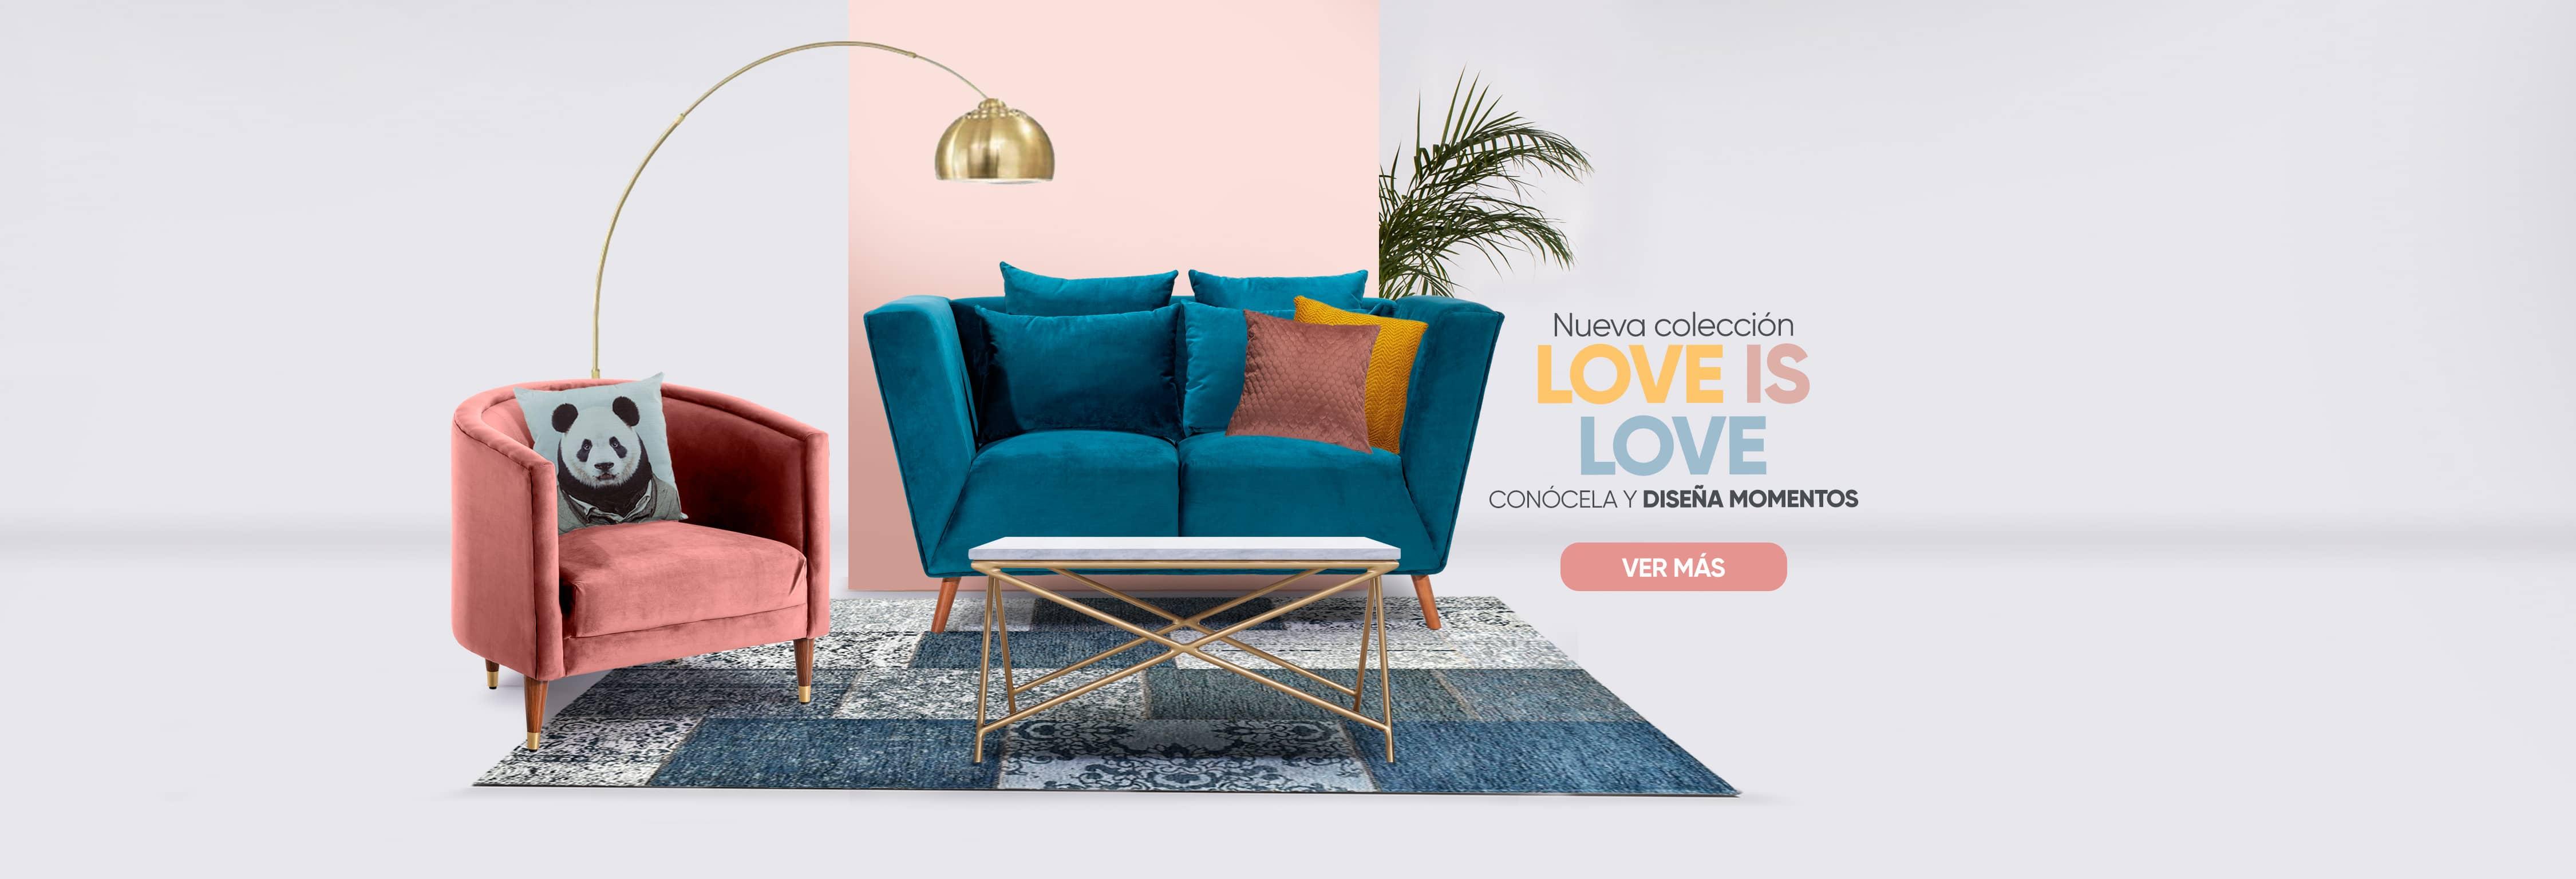 Colección Love is Love